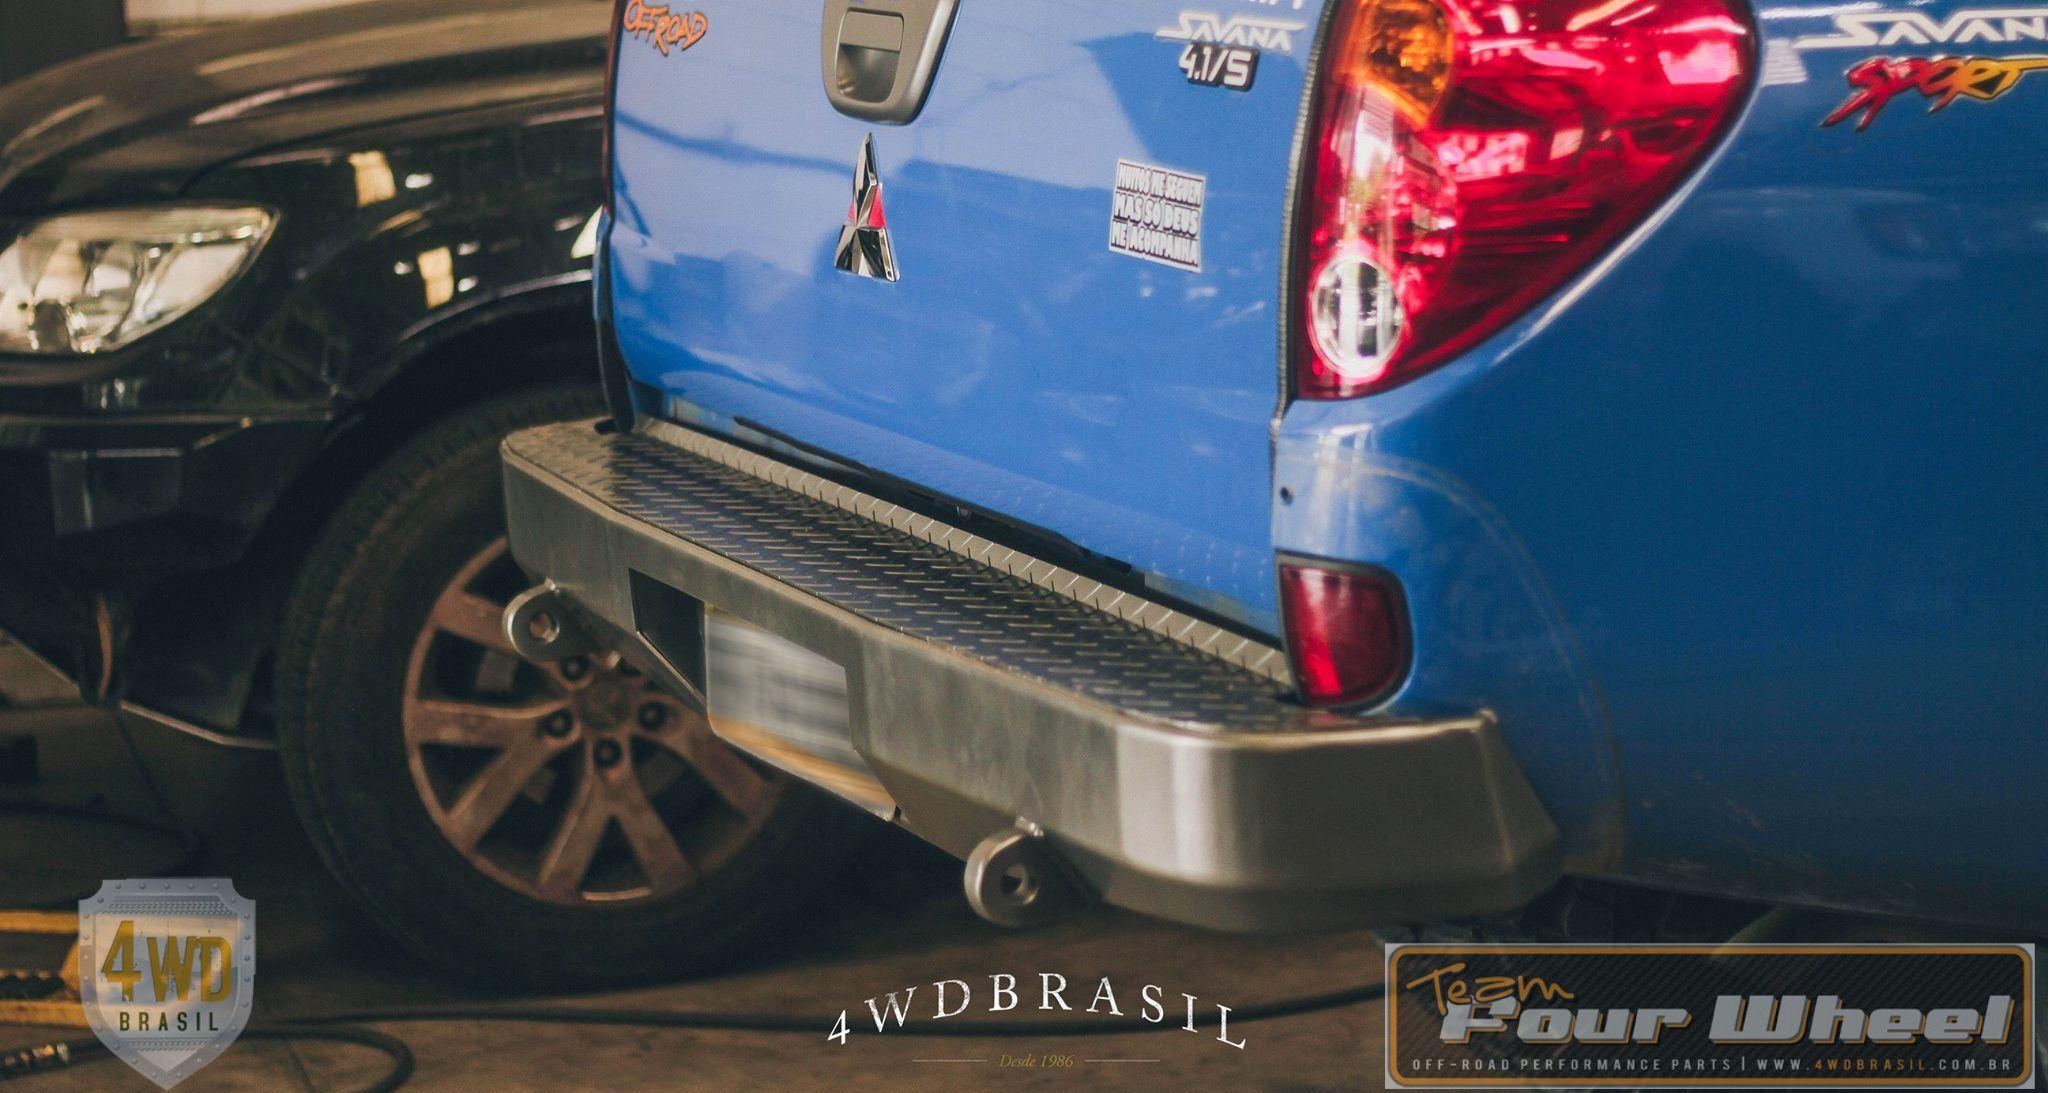 Para-choque traseiro em aço Mitsuishi L200 Triton. 4WD Brasil acessórios para OFF ROAD de alta performance.